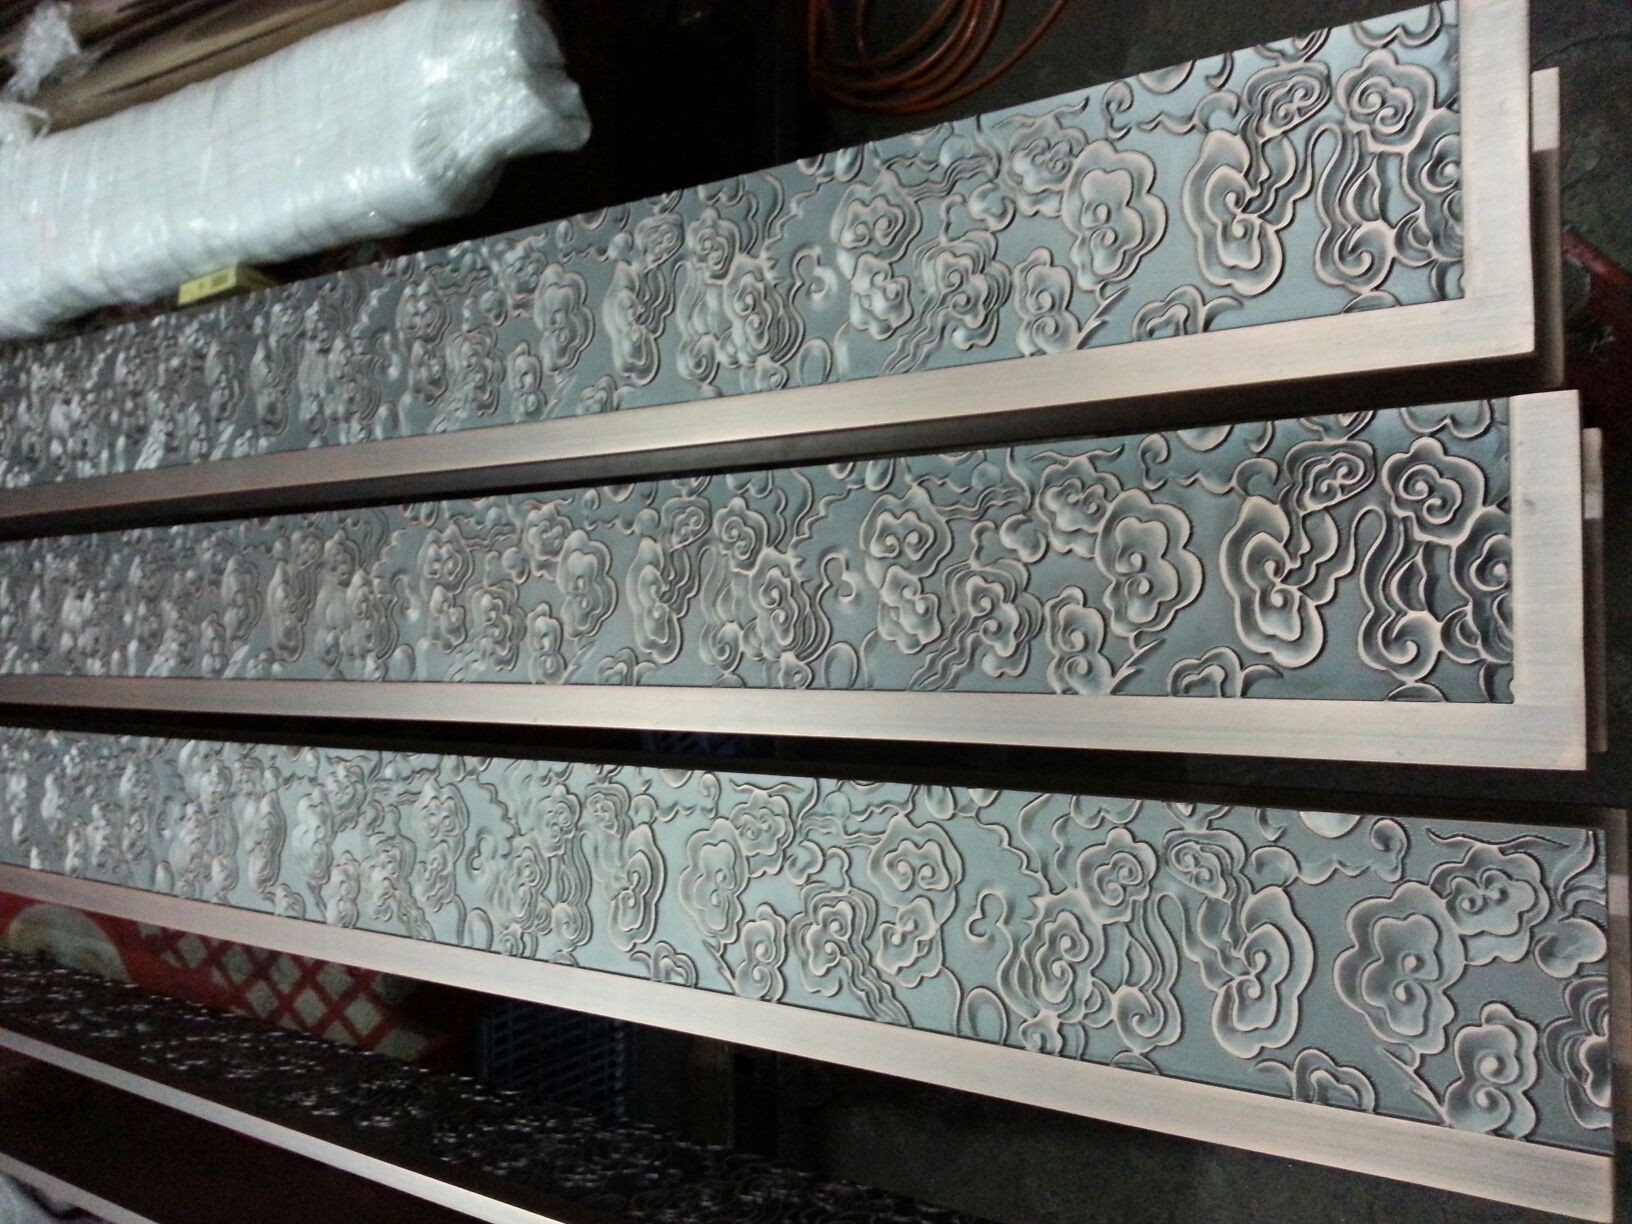 铜腐蚀的原理绿化铜_吸氧腐蚀的原理及照片